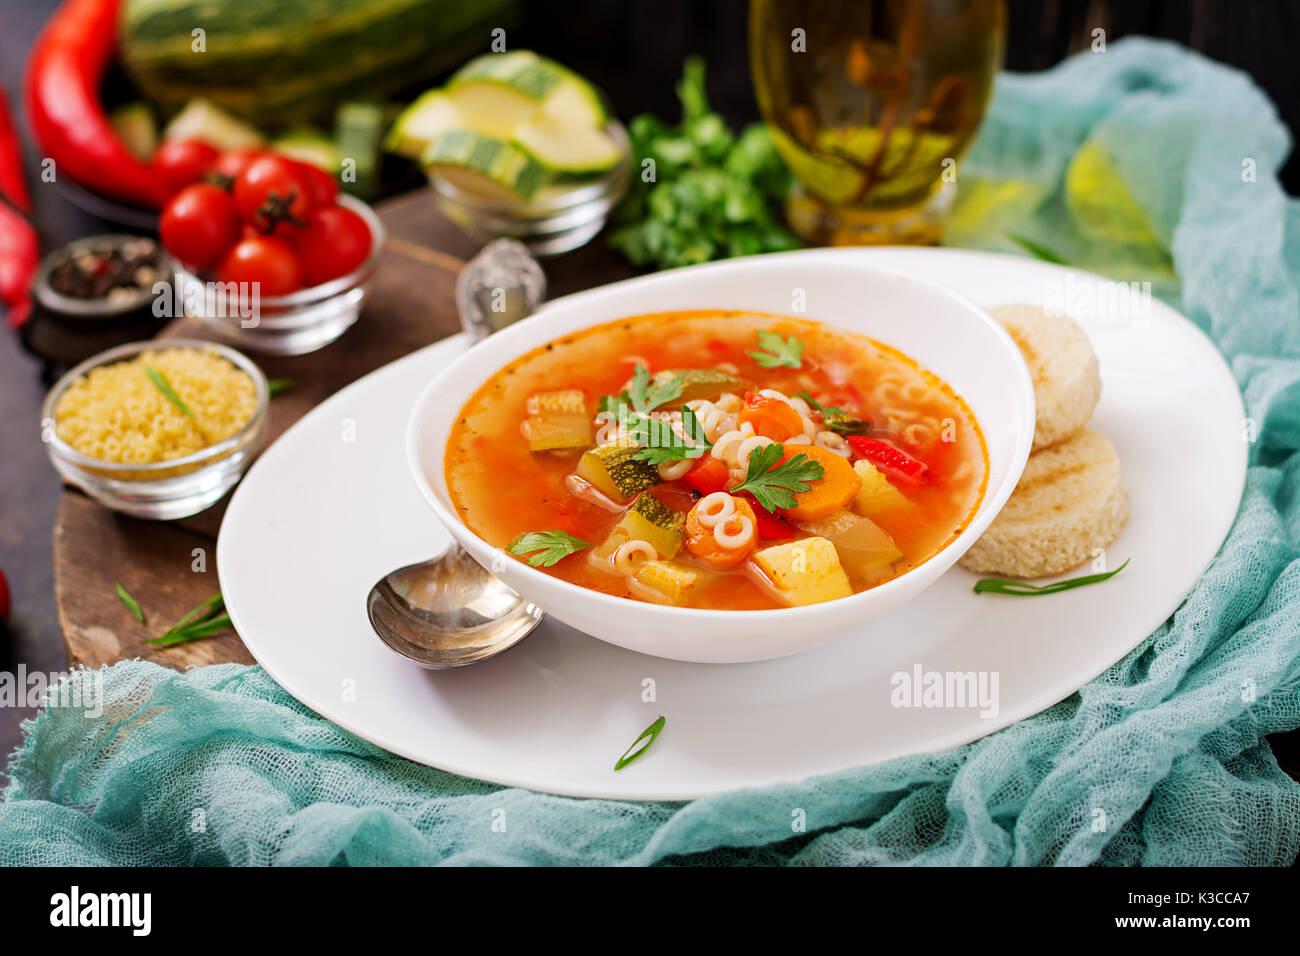 """Minestrone - """"Große Suppe', Suppe mit vielen Zutaten - ein Gericht der Italienischen Küche, leichte saisonale Gemüsesuppe mit Nudeln. Stockbild"""